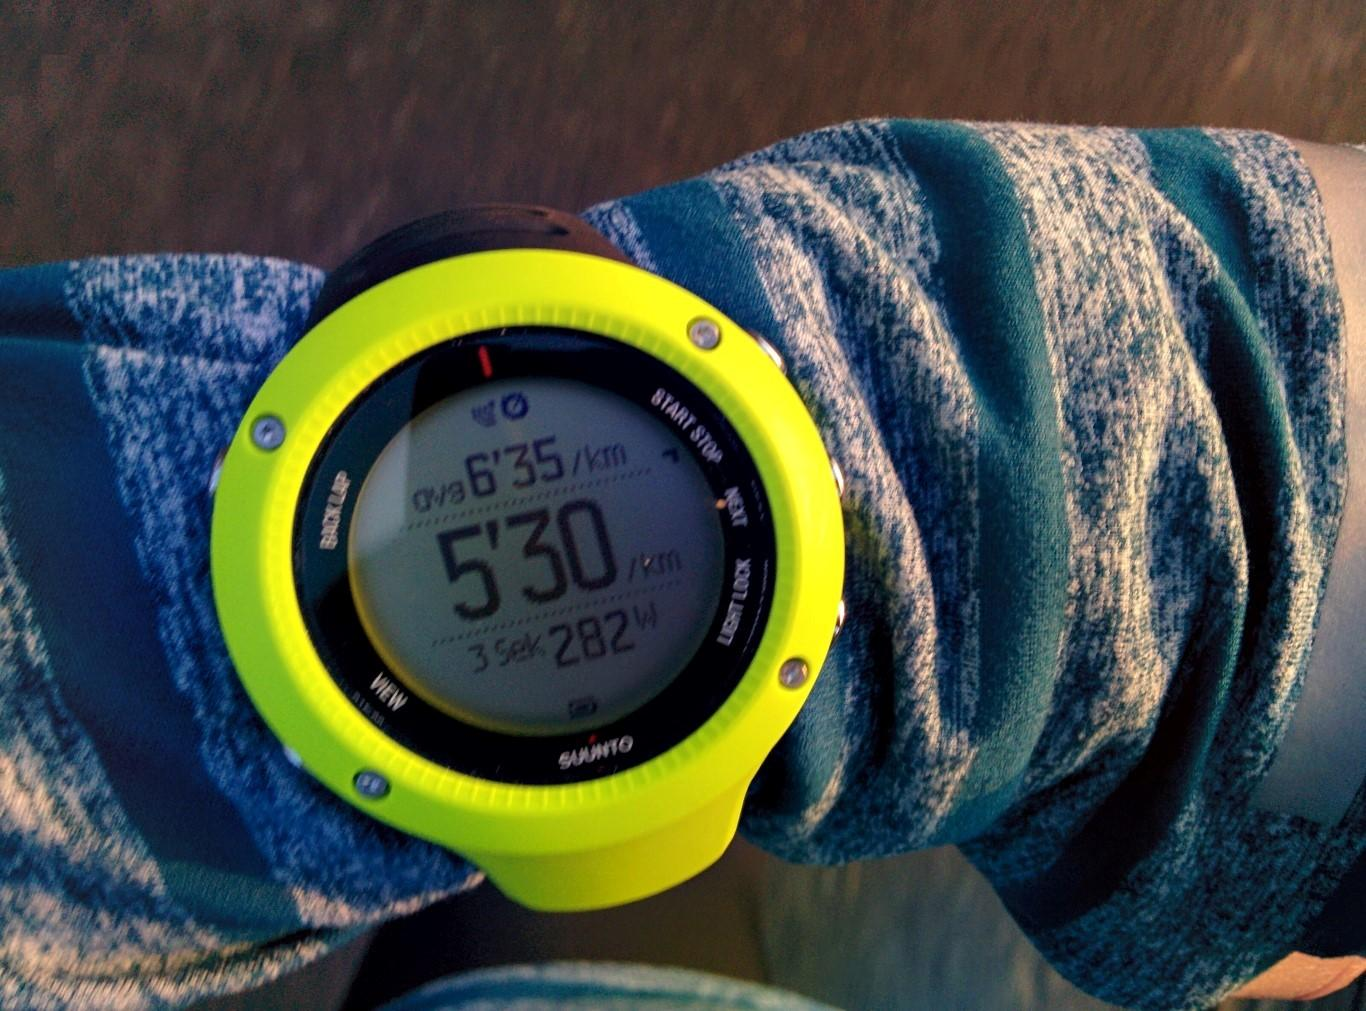 Watt-Anzeige während des Laufs mit der Suunto Ambit3 Run